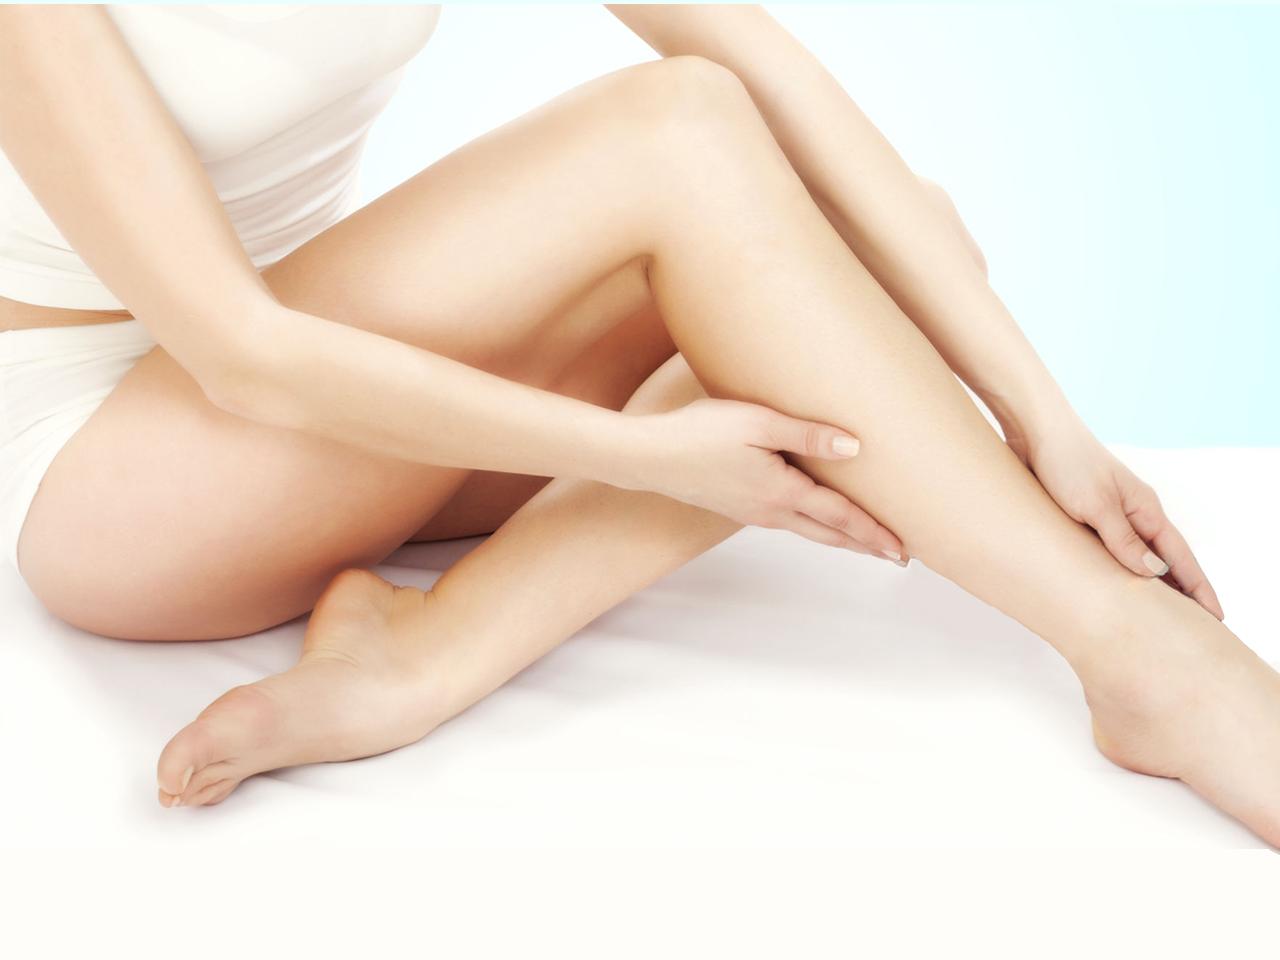 visszér gyors kezelés mennyi fáj a láb a visszér műtét után